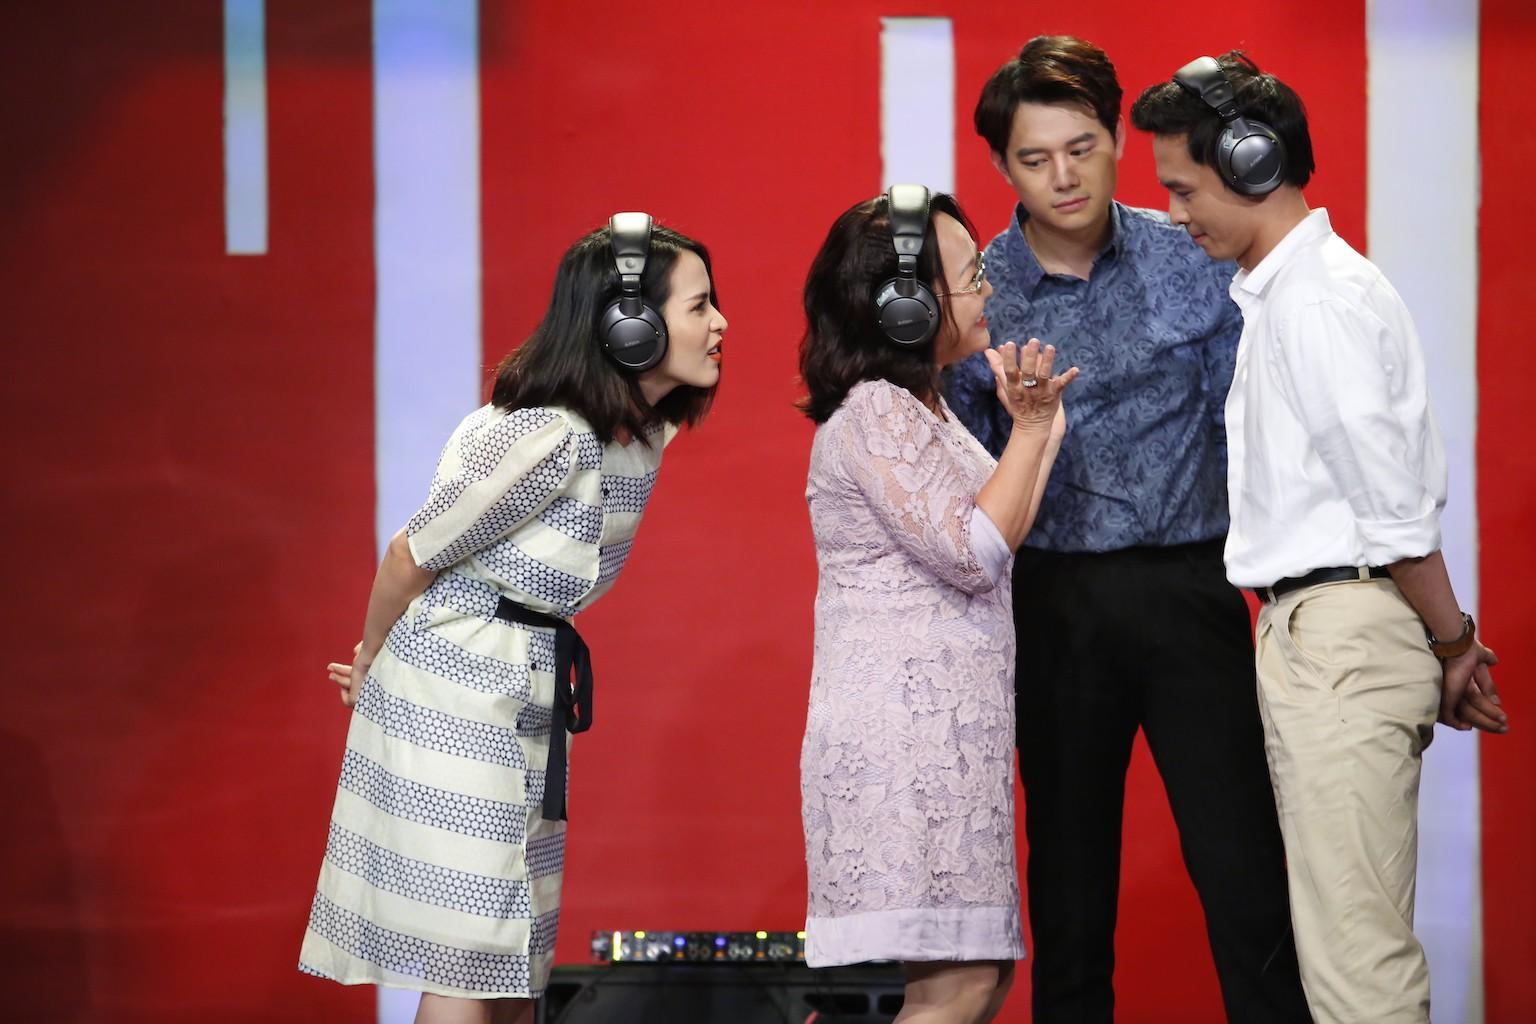 Bị Lâm Khánh Chi nhận xét là ích kỷ, Tú Vi khẳng định chỉ khi có con mới hiểu cảm giác trầm cảm ra sao - Ảnh 11.